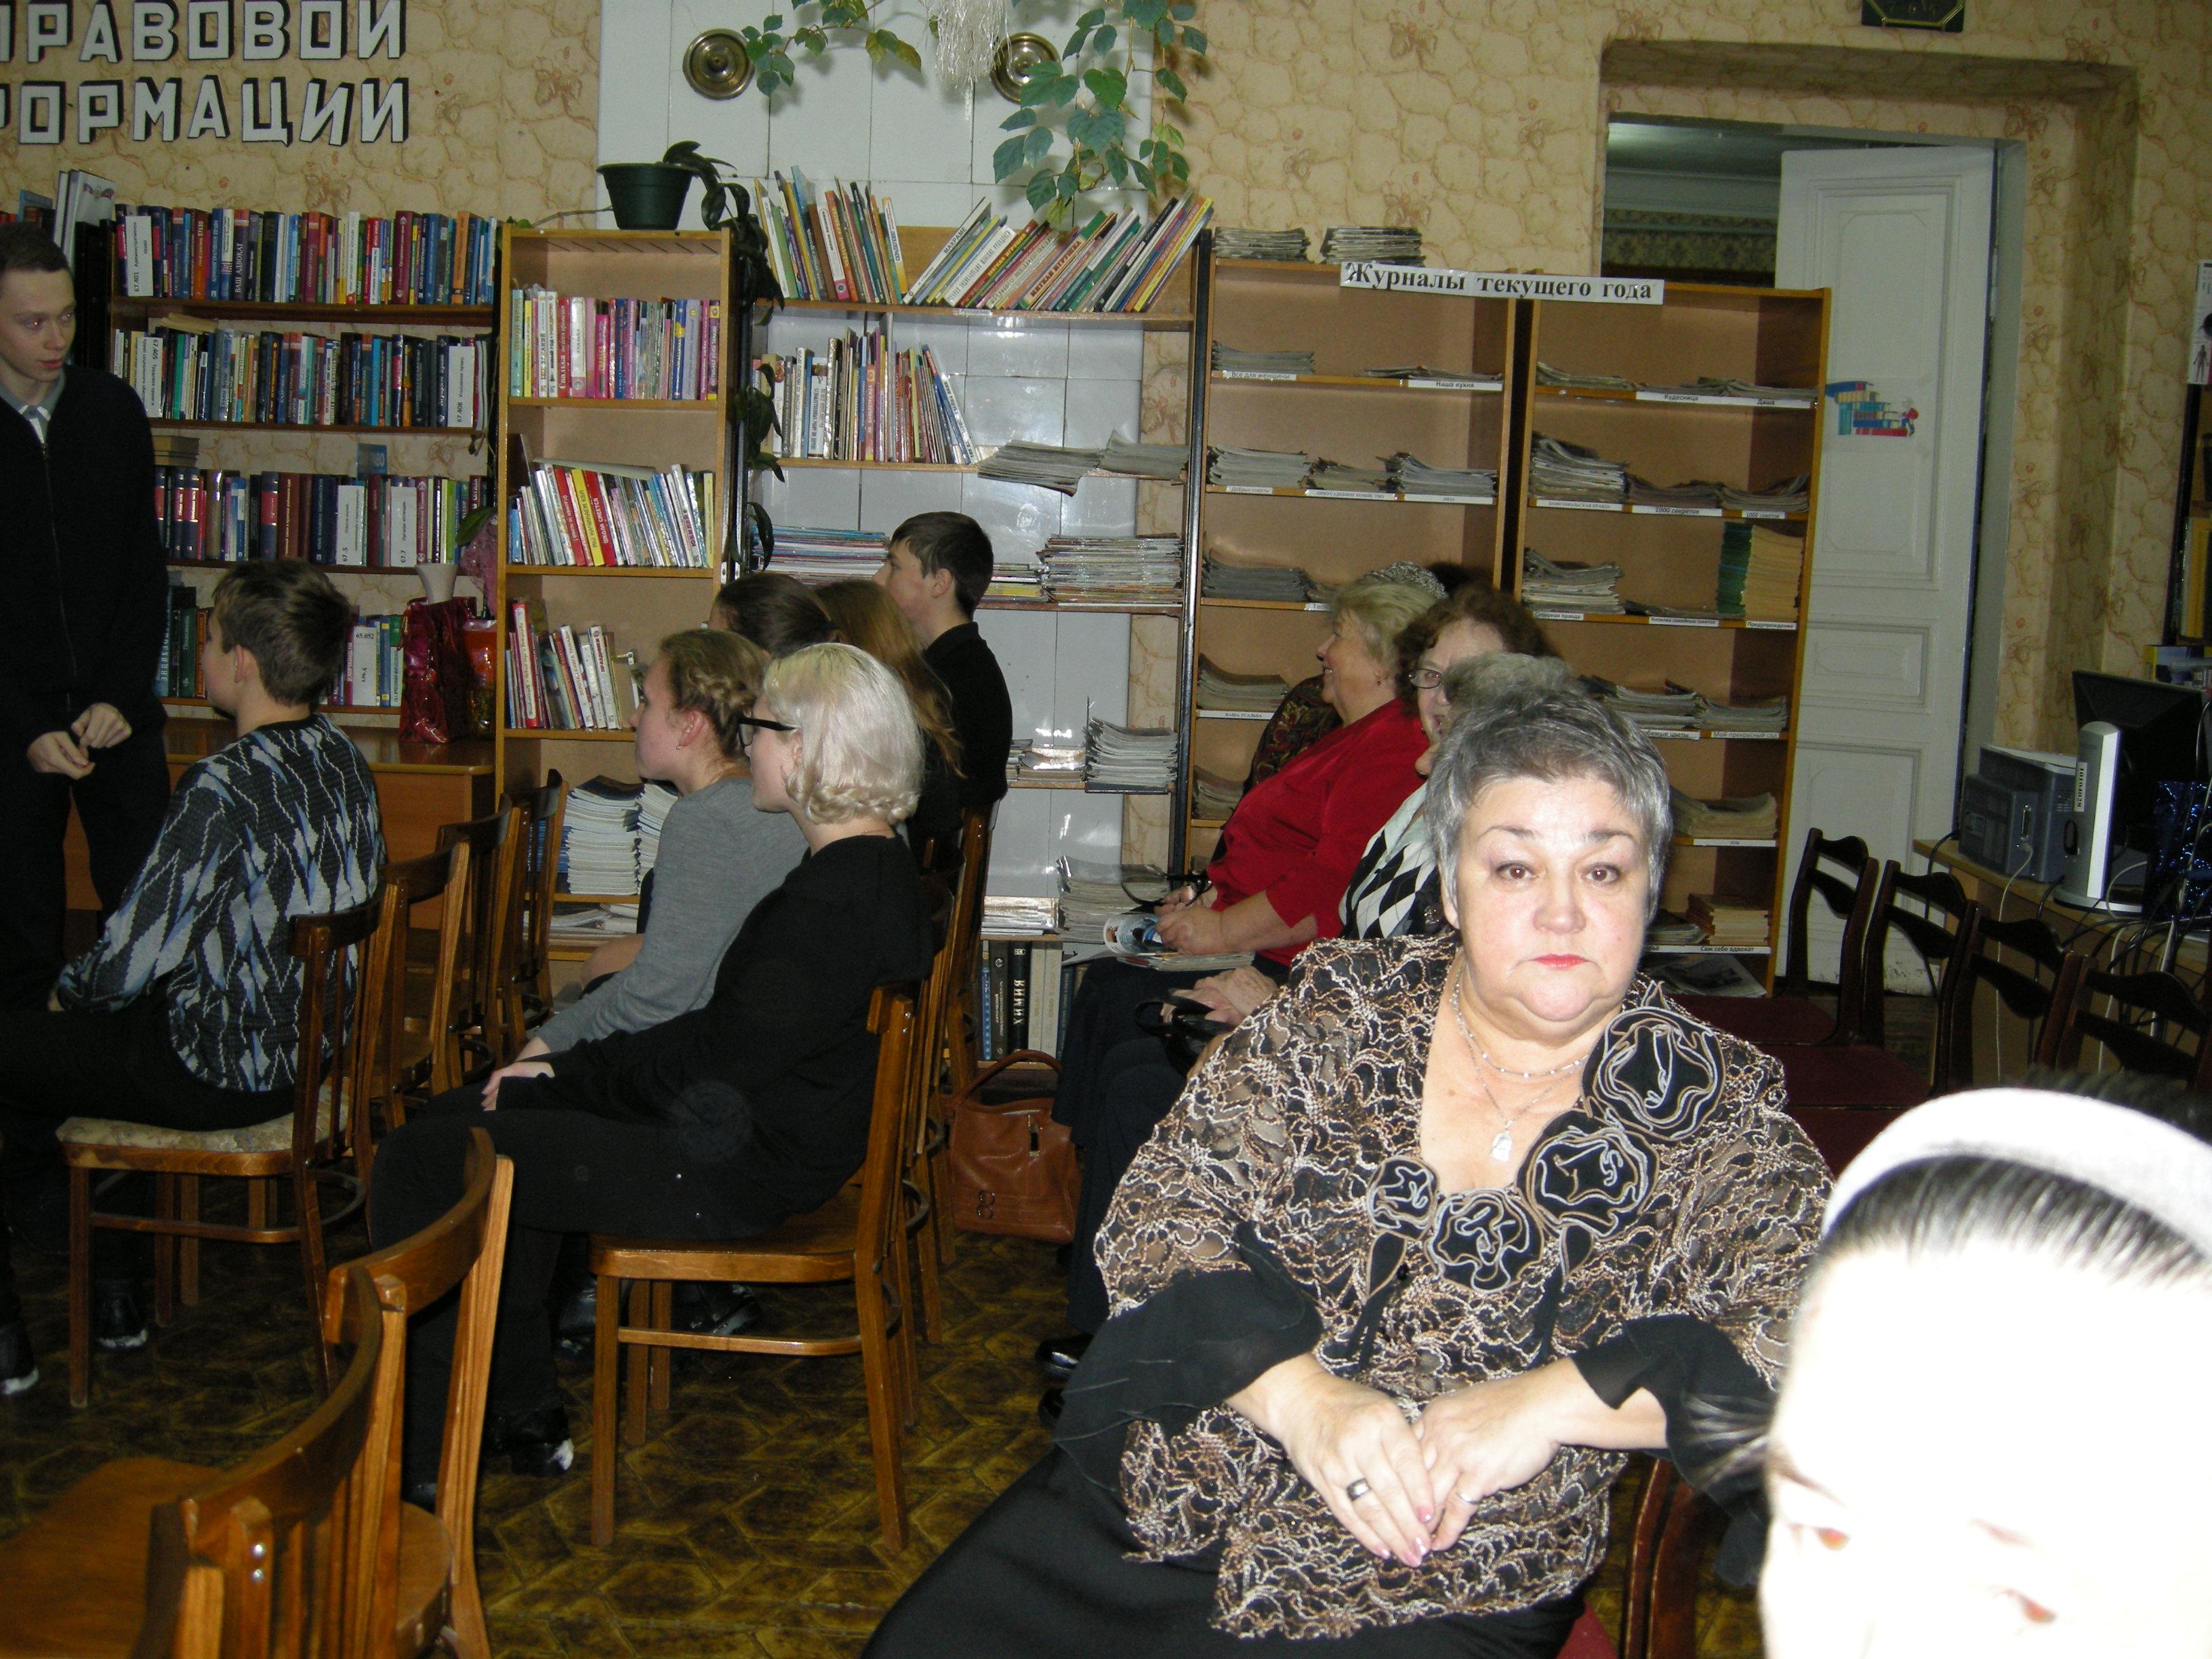 Юбилейный вечер Татьяны Николаевны Байковой. Гости собираются. фото Елены Балашовой